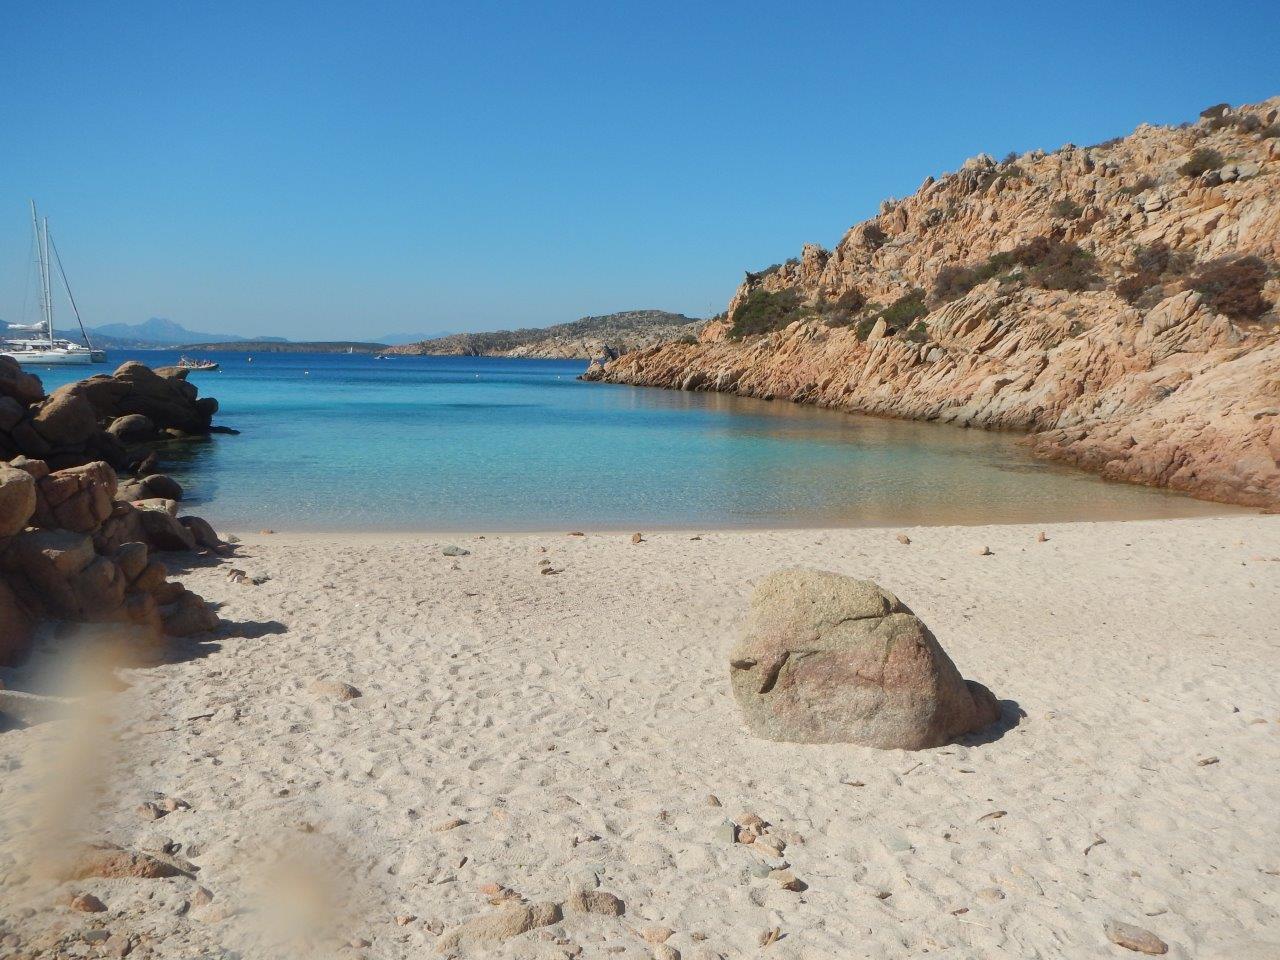 So geil und leer sieht man den Strand nur ganz früh am Morgen, bevor die Gummiboote kommen.